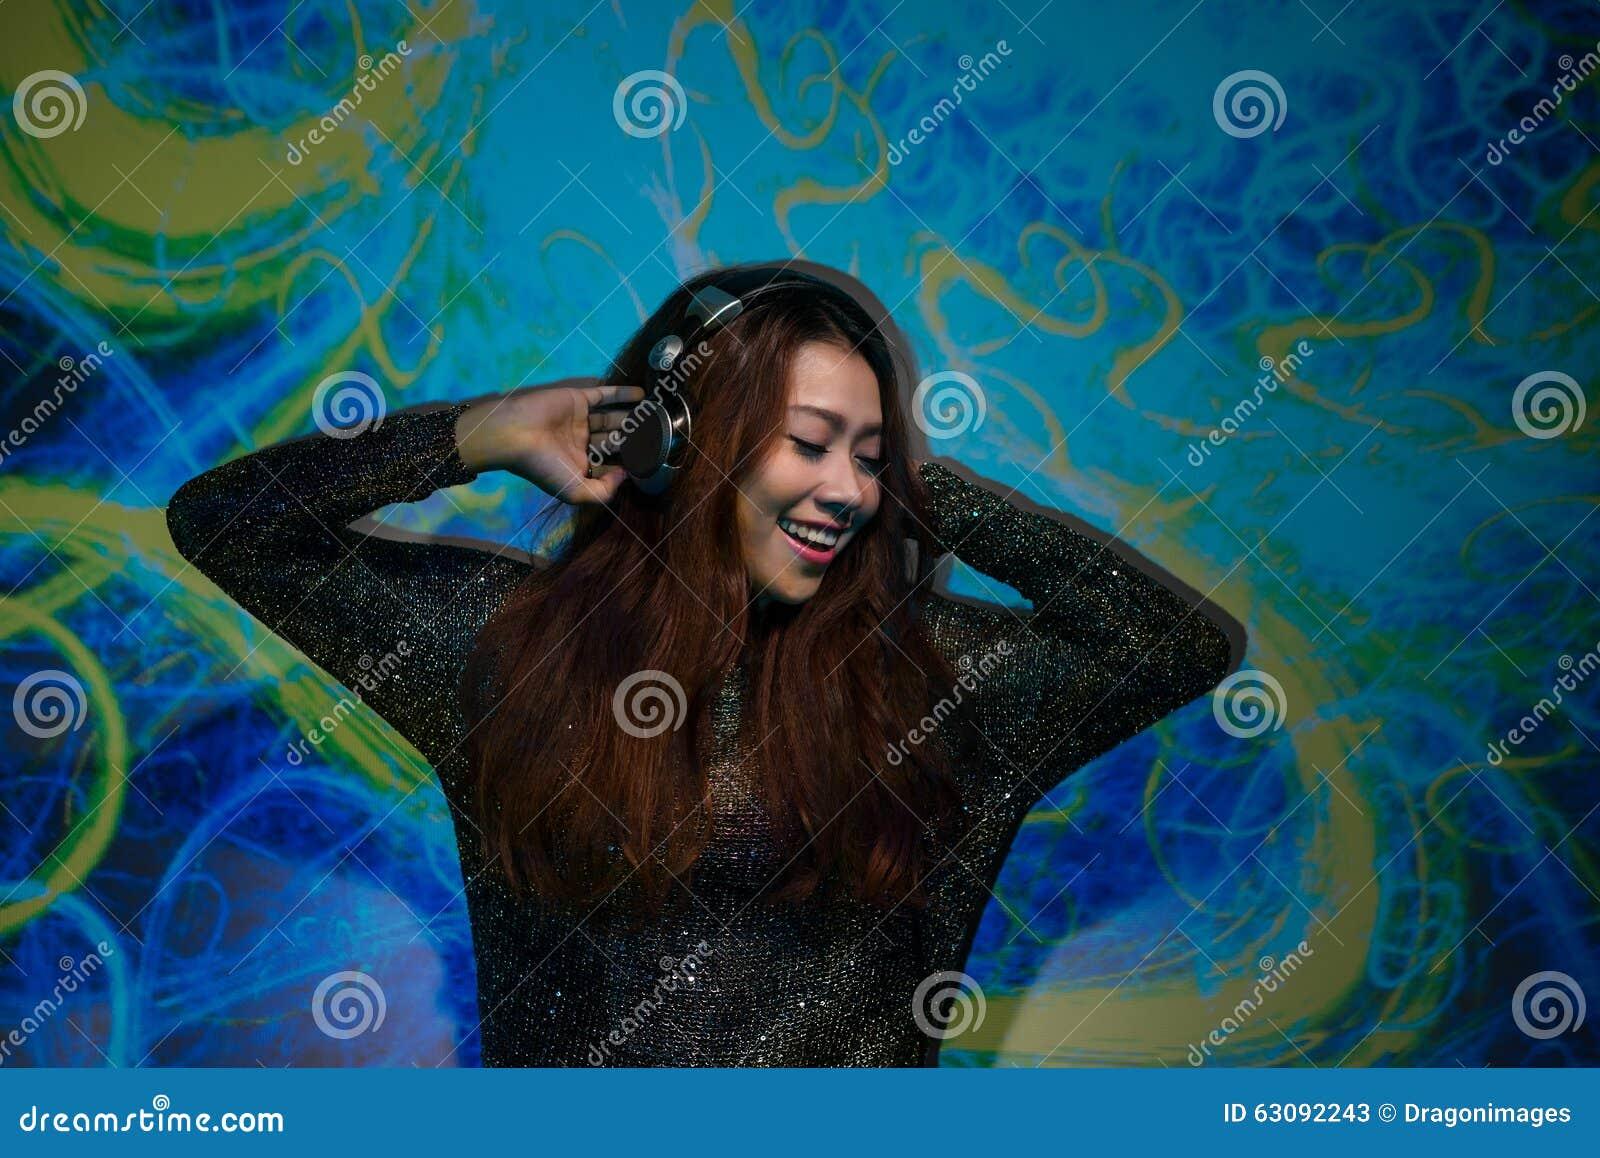 Download Écouter la musique image stock. Image du plaisir, favori - 63092243